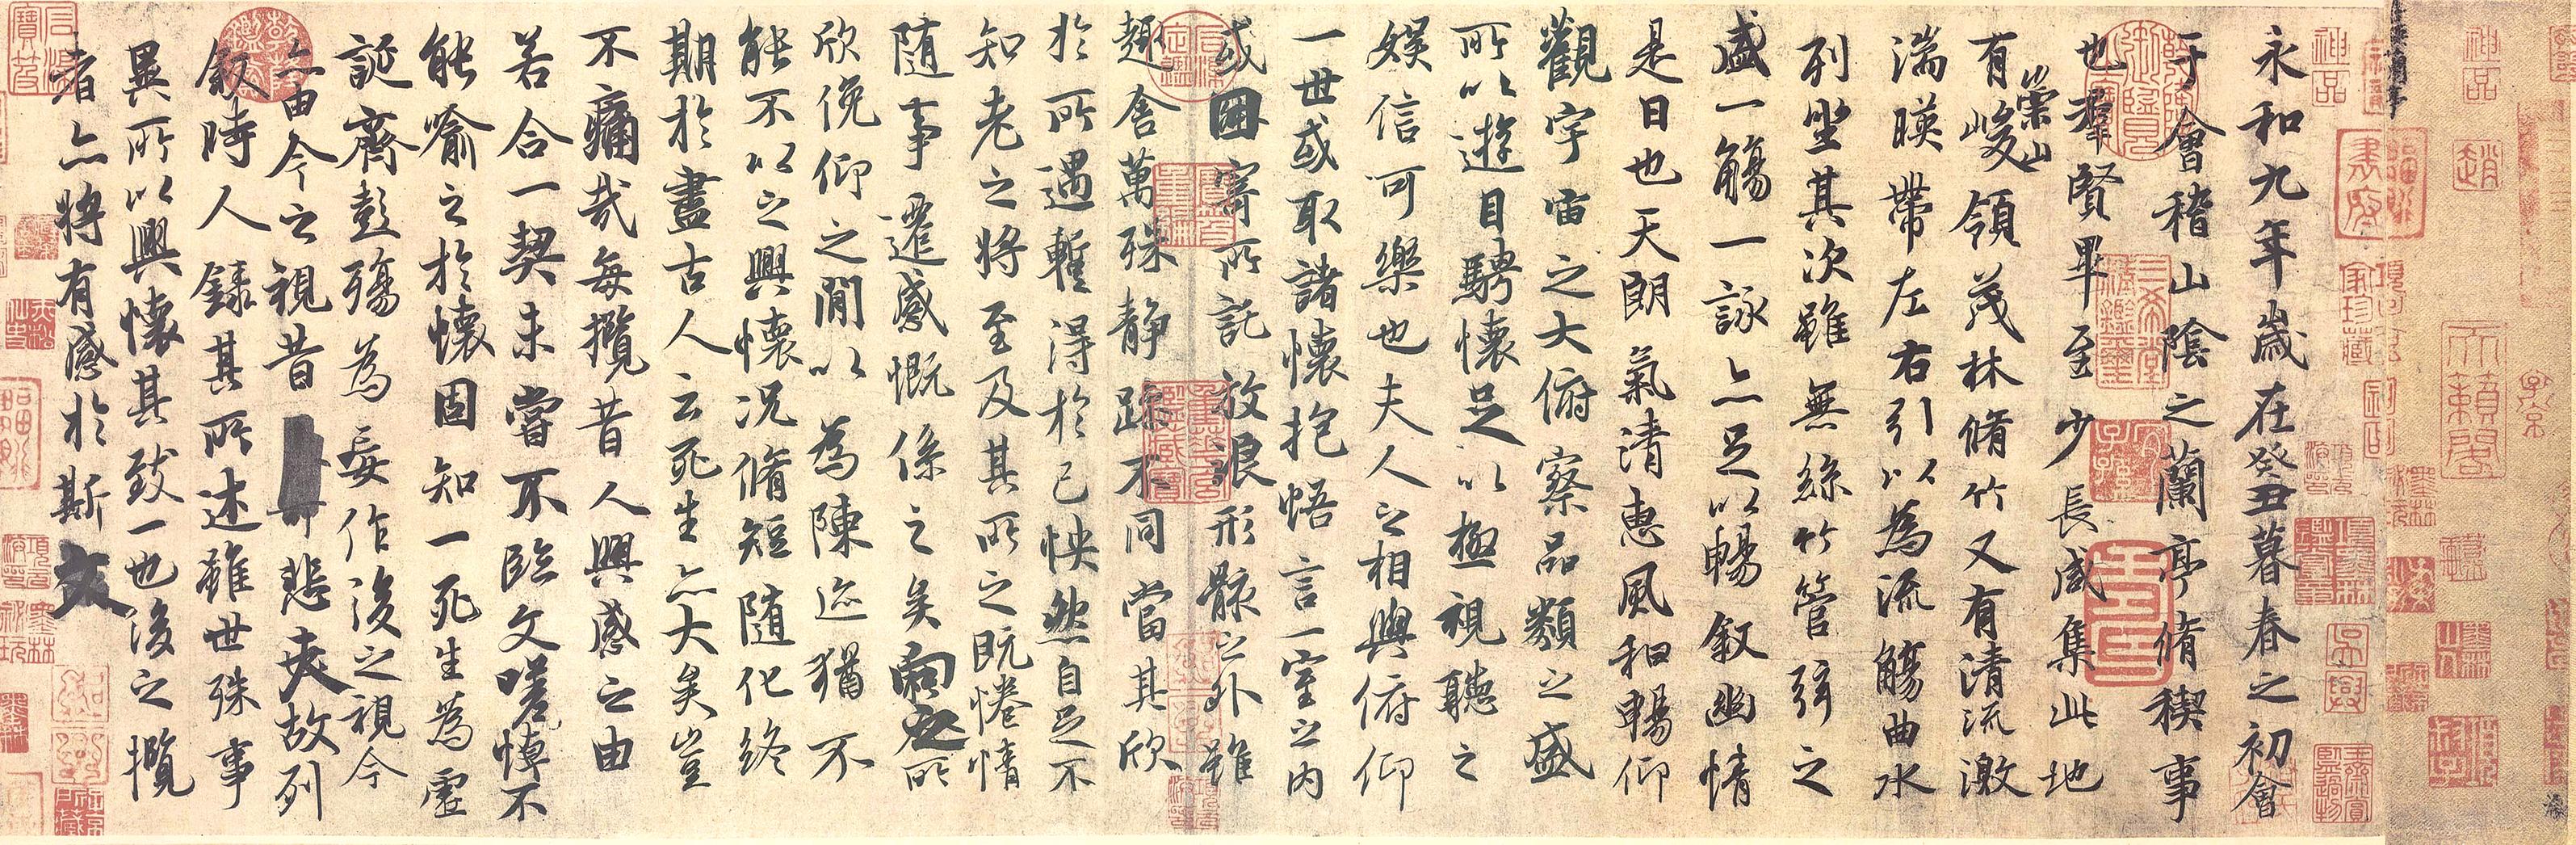 蘭亭集序摹本(神龍本,現藏於北京故宮博物院)。(公有領域)